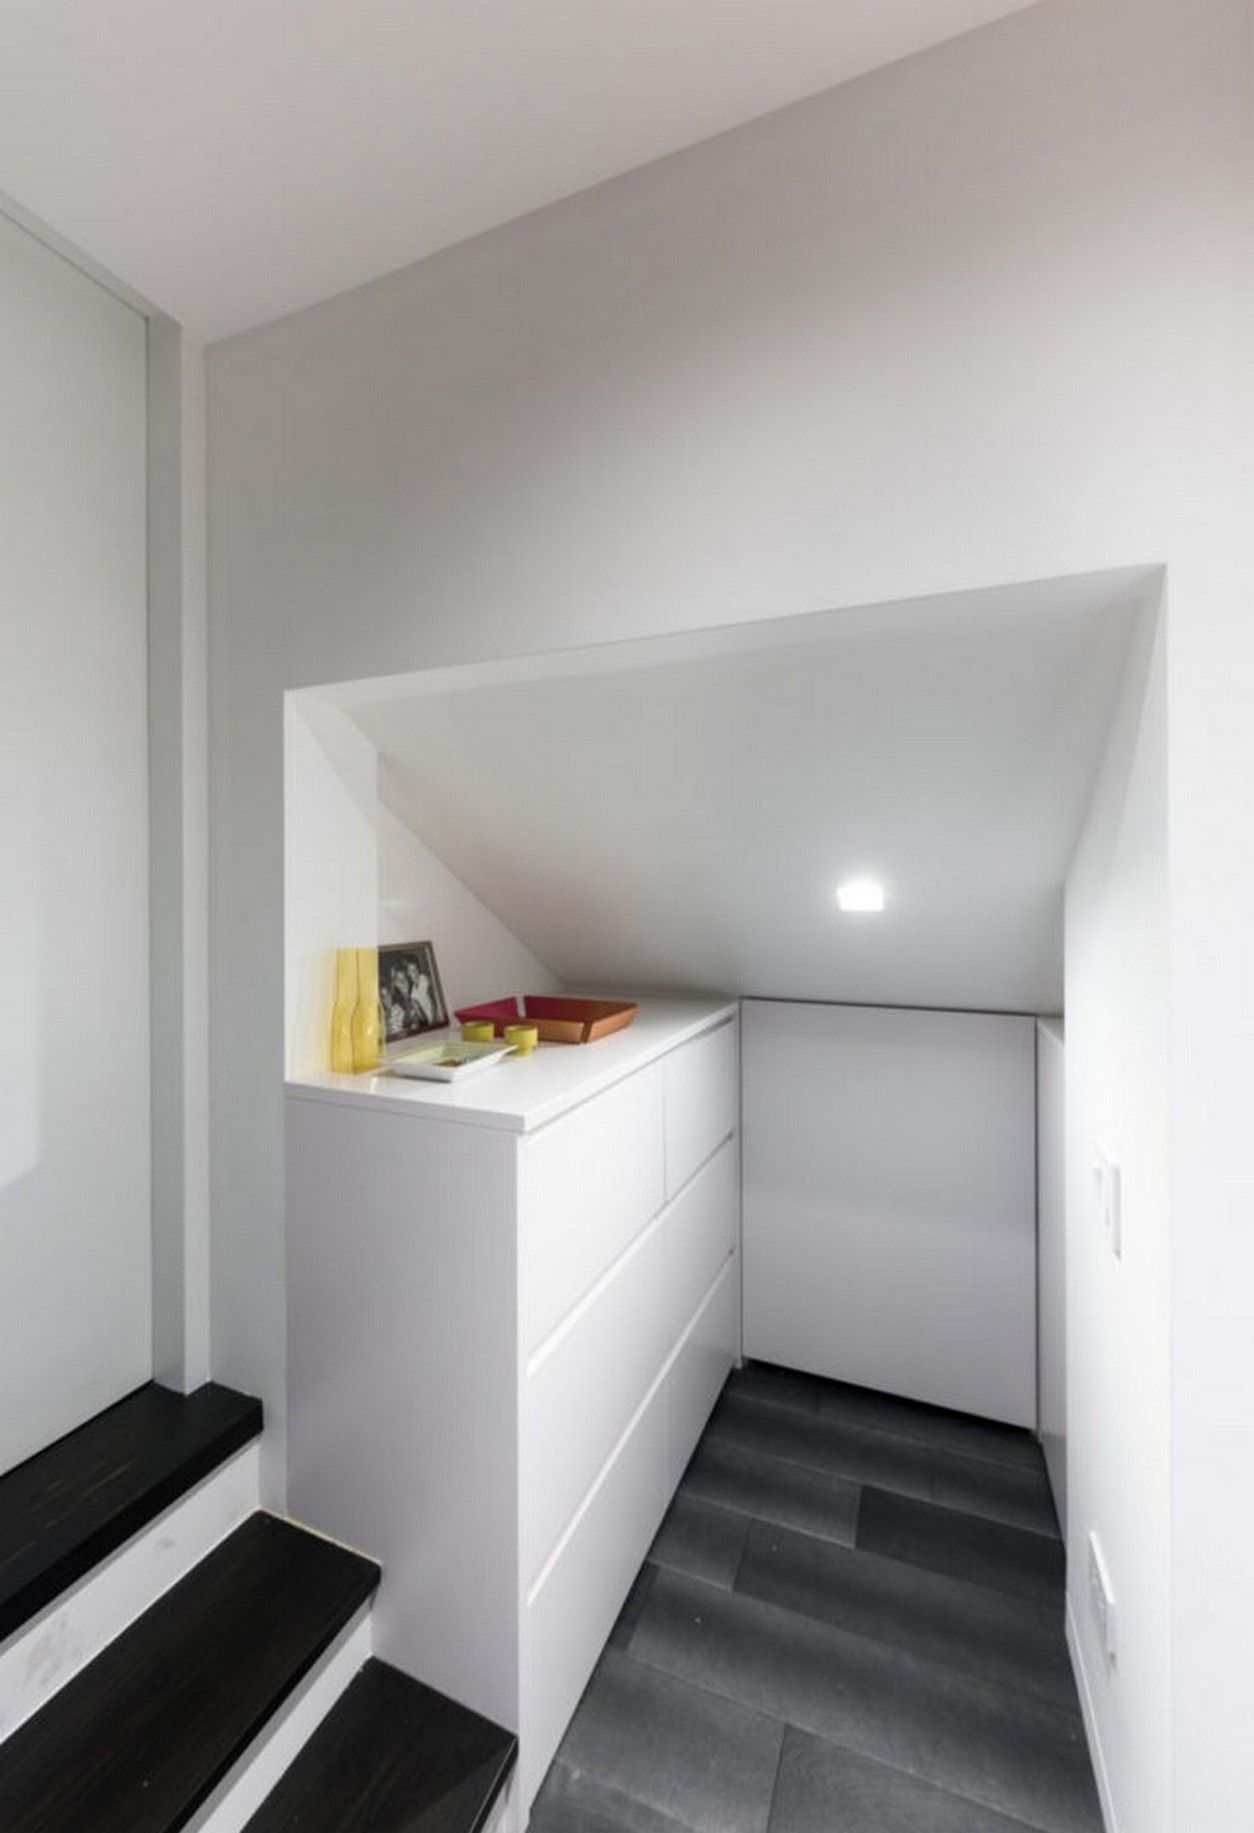 45 Hot Attic Construction Attic Design Attic Design Micro Apartment Attic Rooms